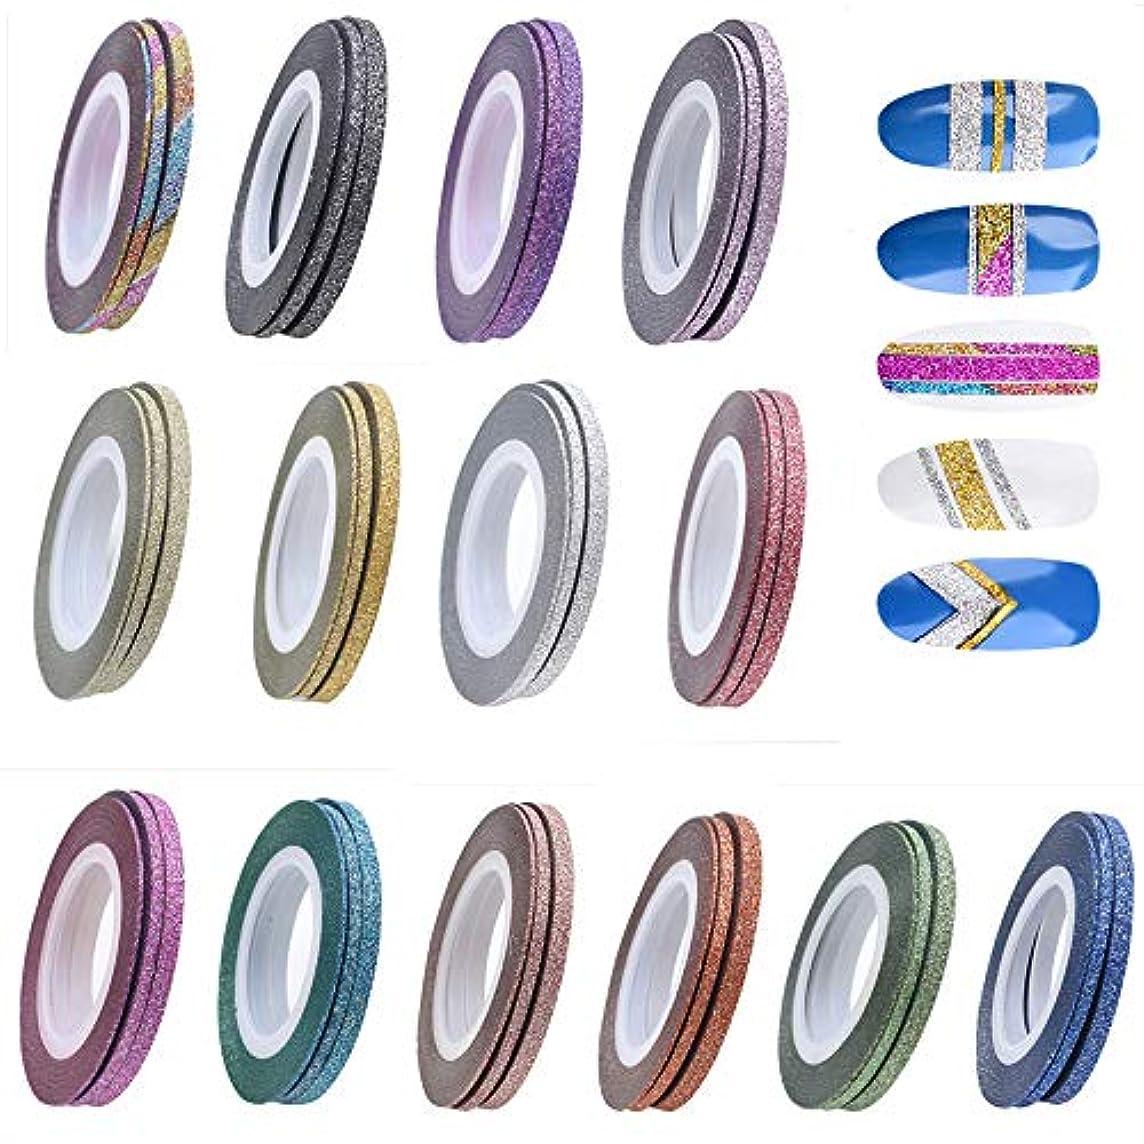 繕うピンチチューブネイルアート 艶消しラインテープ 42個セット(1mm/2mm/3mm各14色)ネイルデザインパーツ